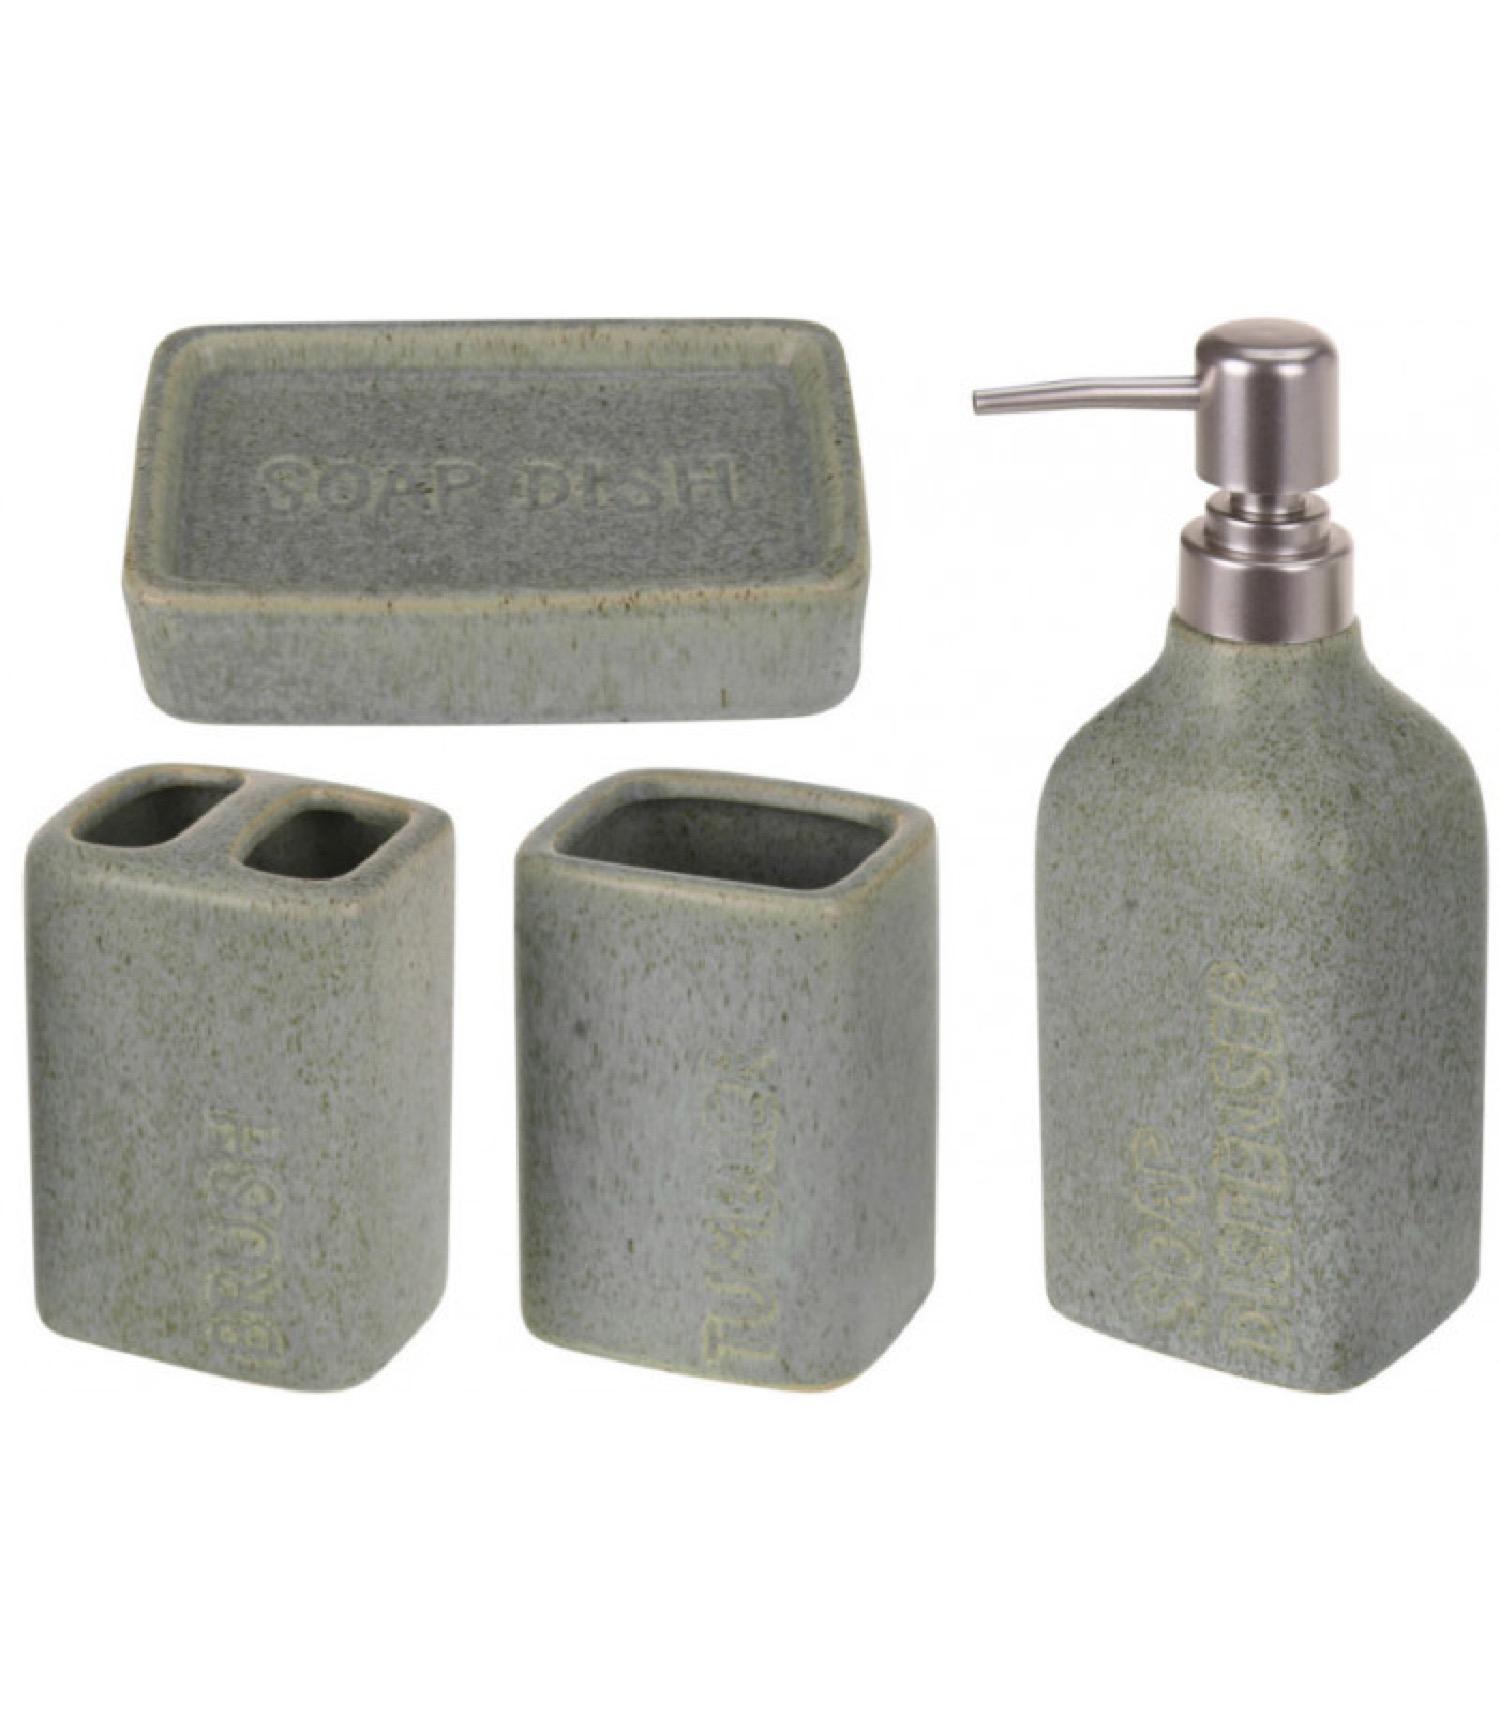 Set salle de bain vert céramique 4 pièces